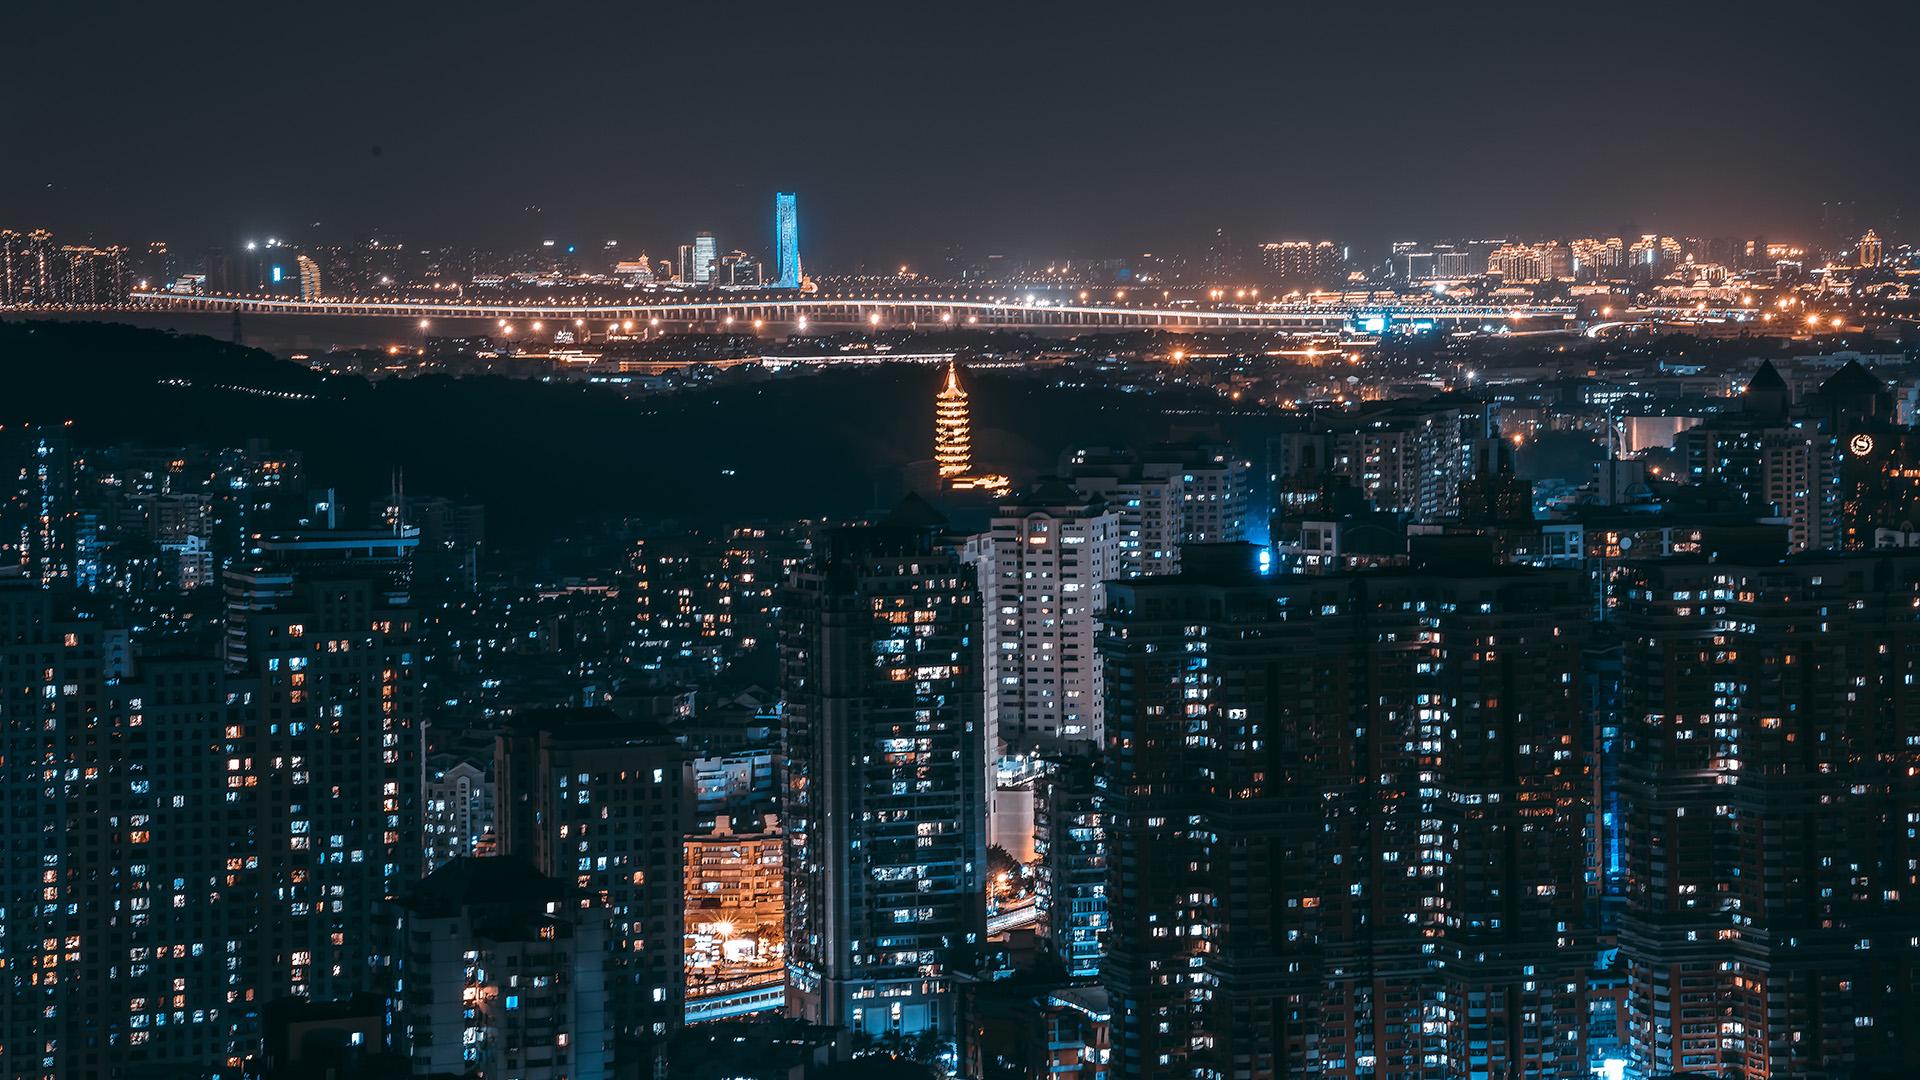 璀璨迷人的城市夜晚景色